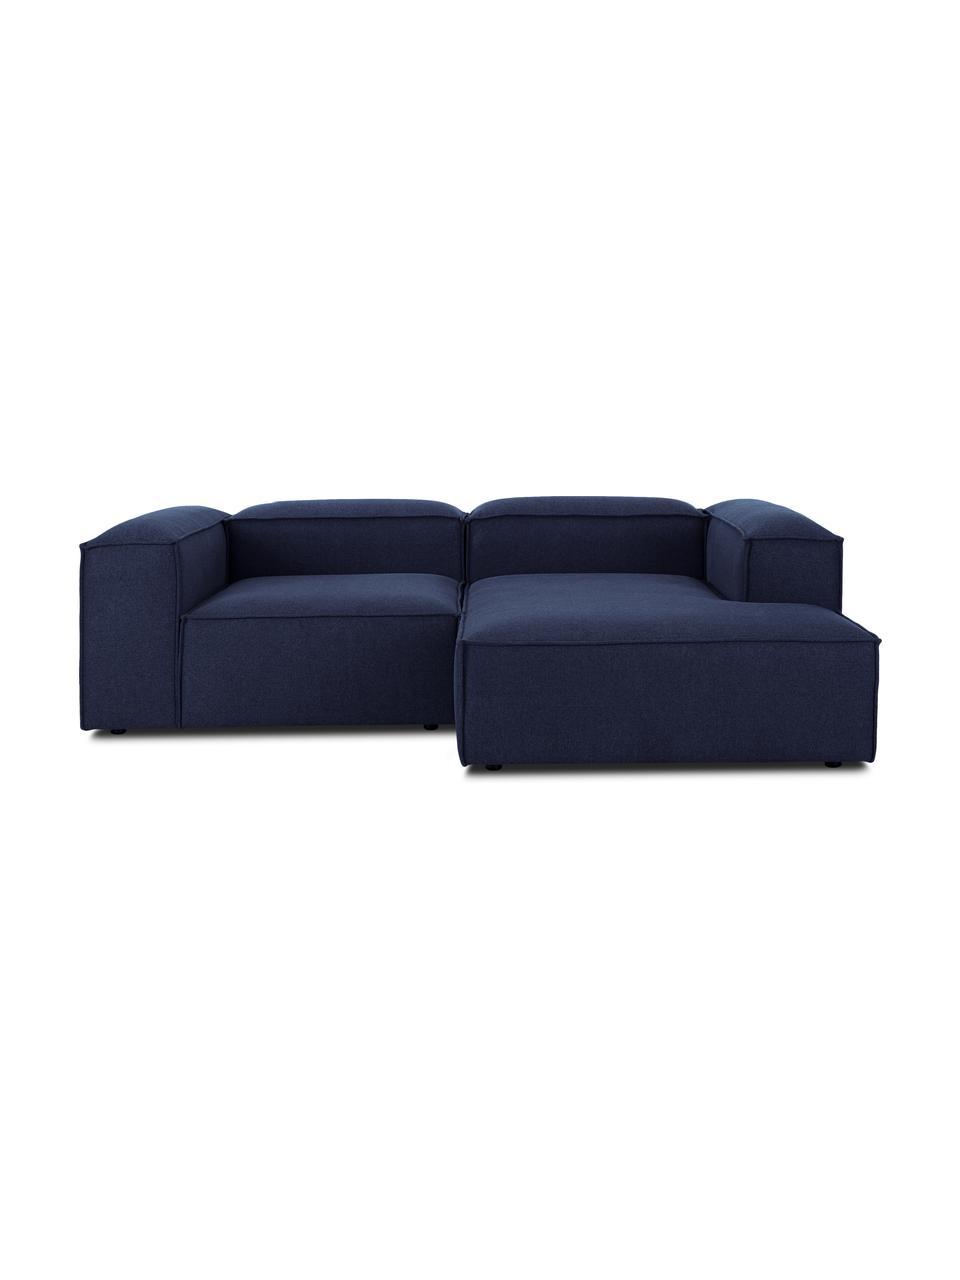 Narożna sofa modułowa Lennon, Tapicerka: 100% poliester Dzięki tka, Stelaż: lite drewno sosnowe, skle, Nogi: tworzywo sztuczne Nogi zn, Niebieski, S 238 x G 180 cm